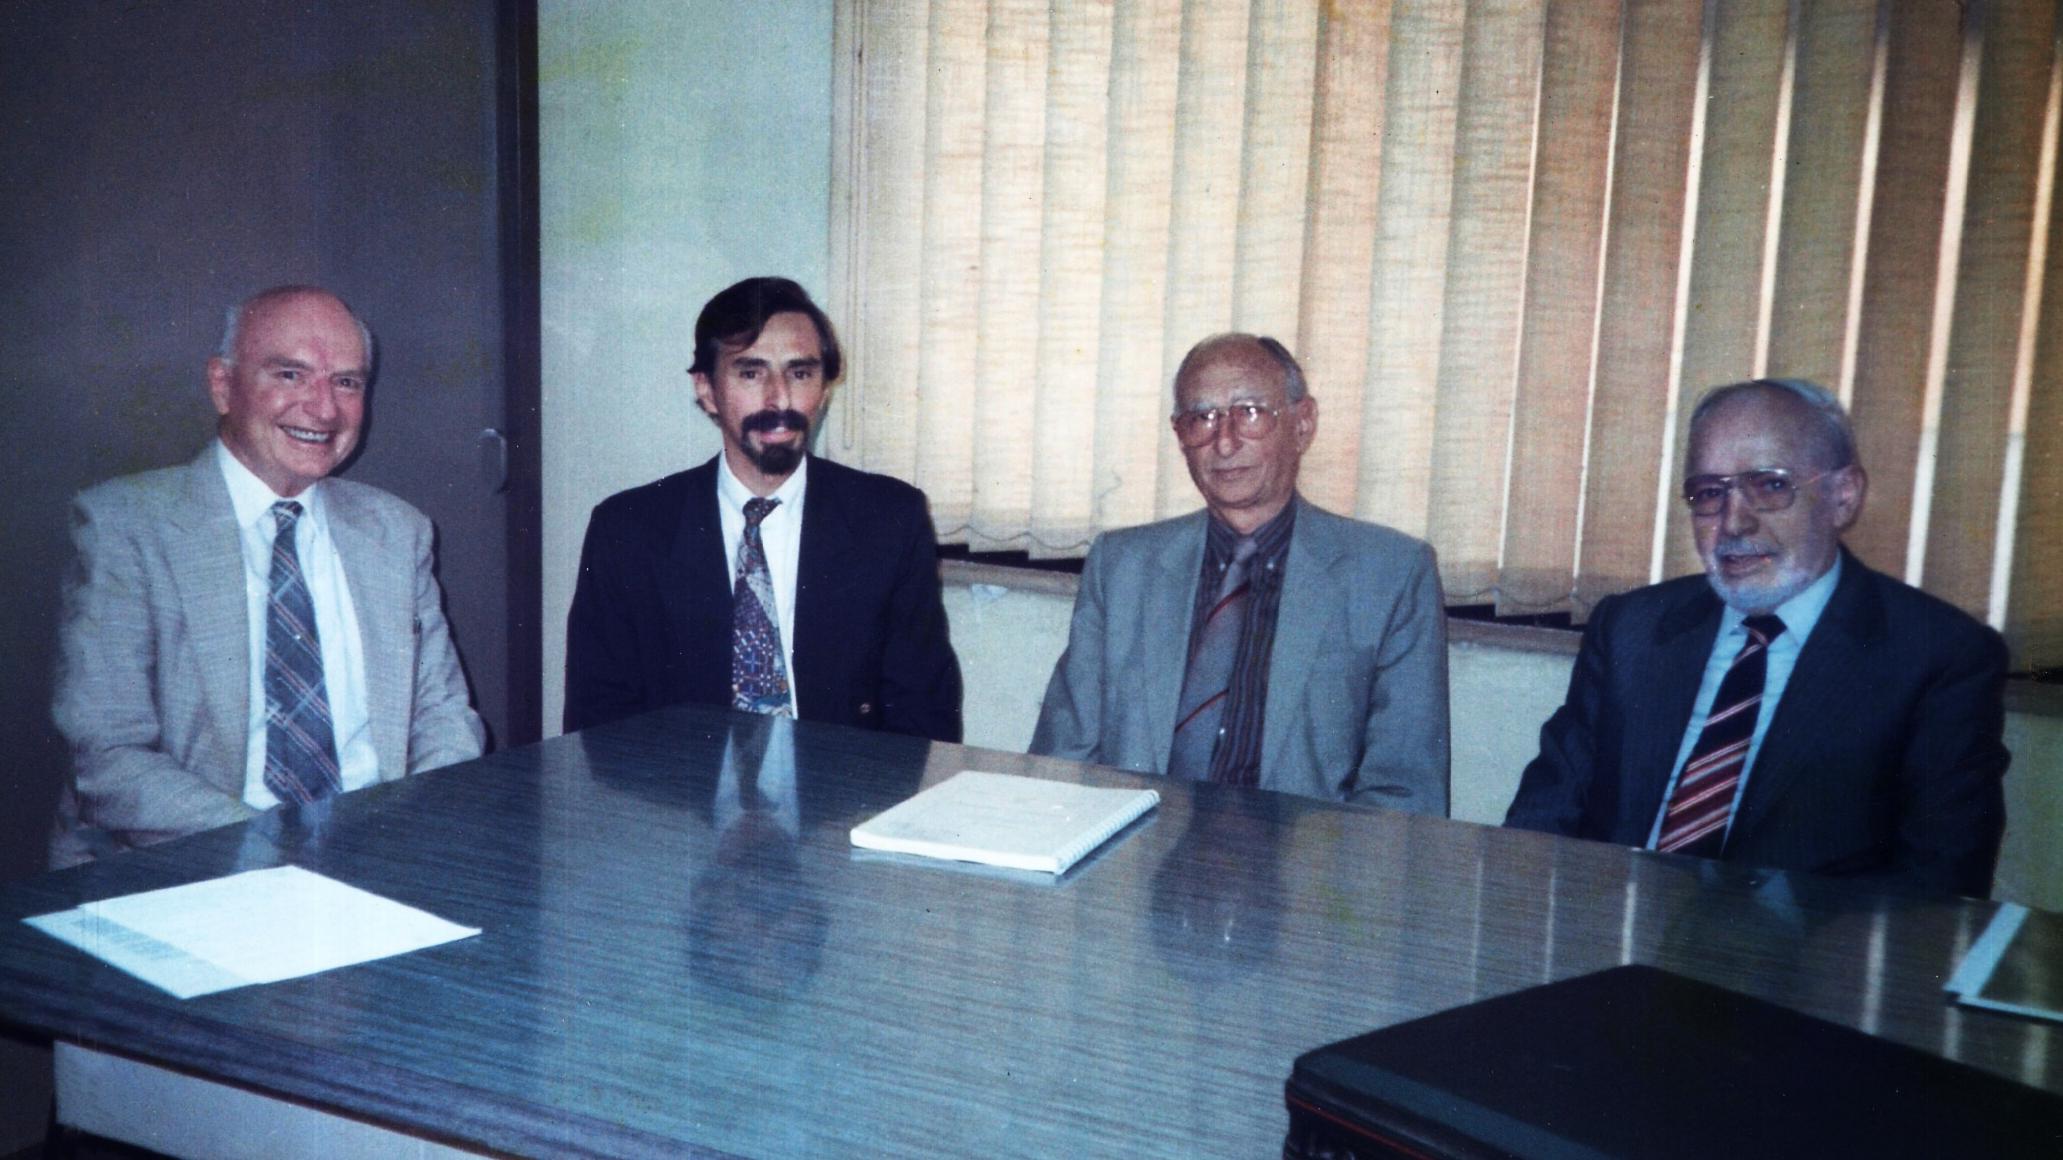 De izquierda a derecha, ingenieros agrimensores: Víctor Hansjürgen Haar, Armando Del Bianco, Severiano Bartaburu y Tito Livio Racagni